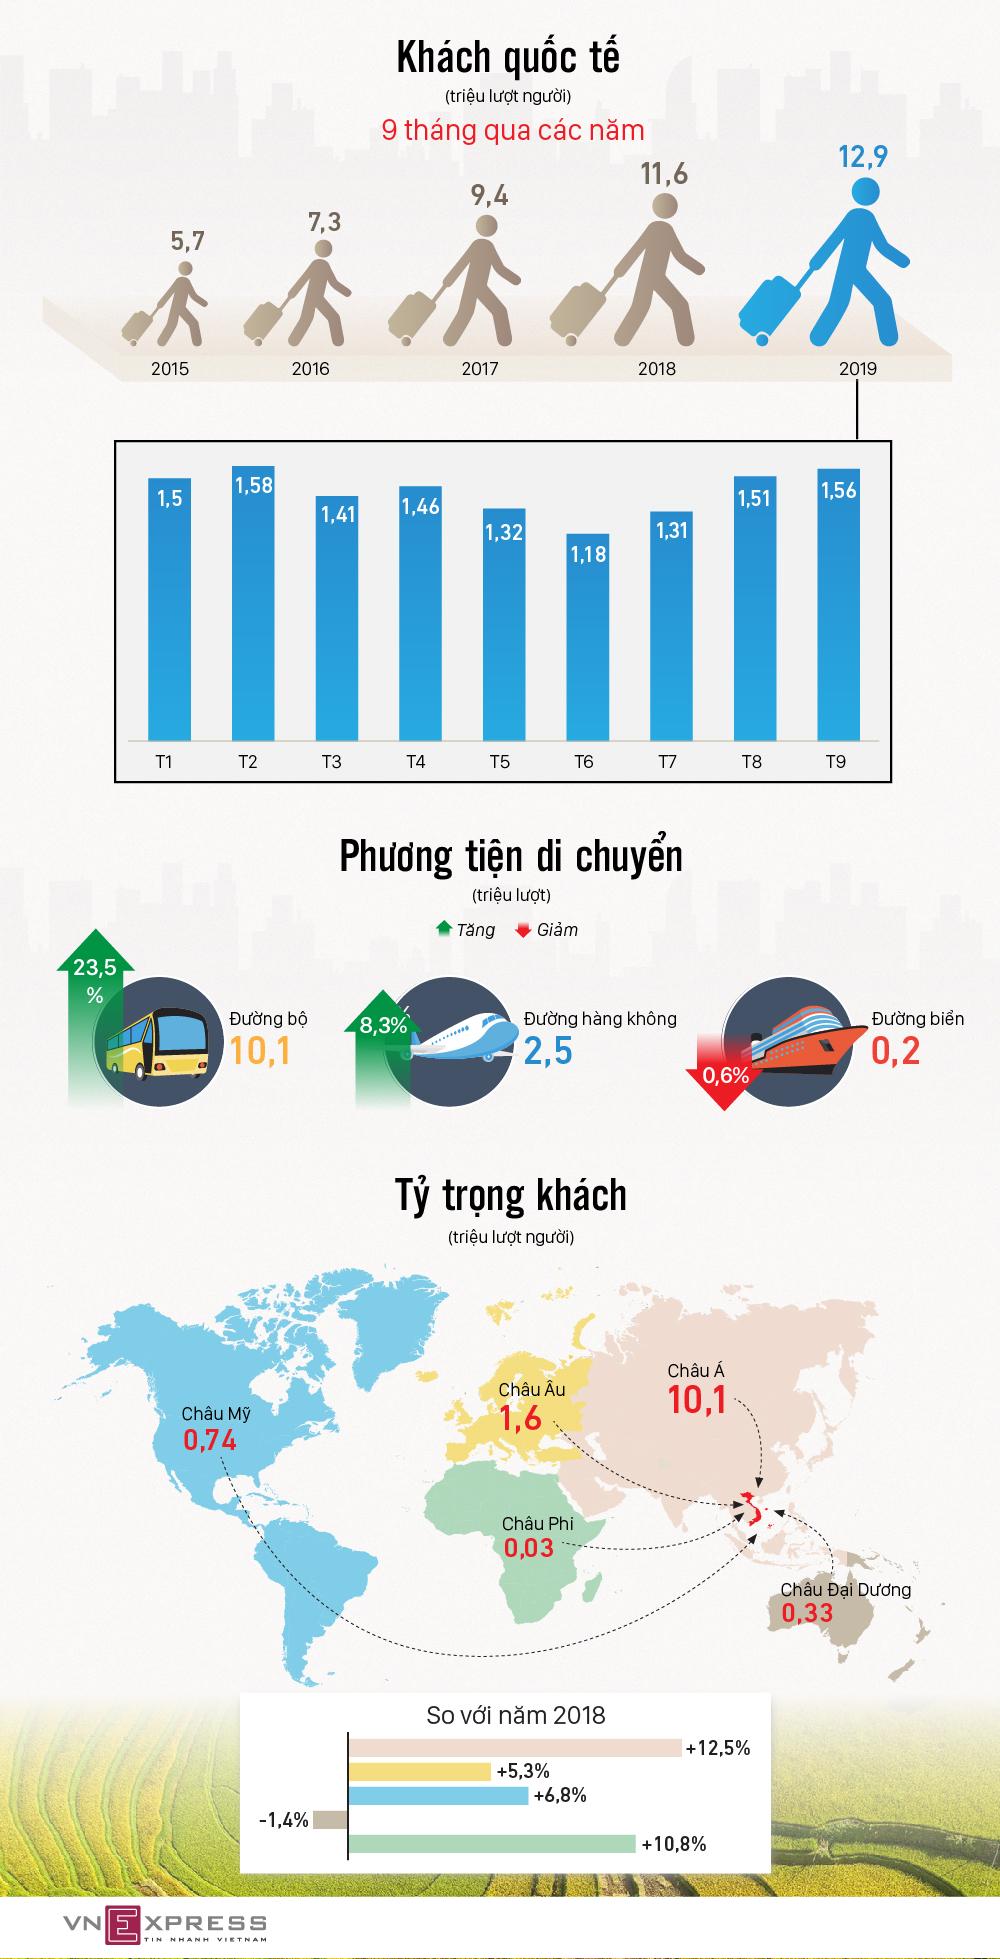 Việt Nam đón 12,9 triệu lượt khách quốc tế